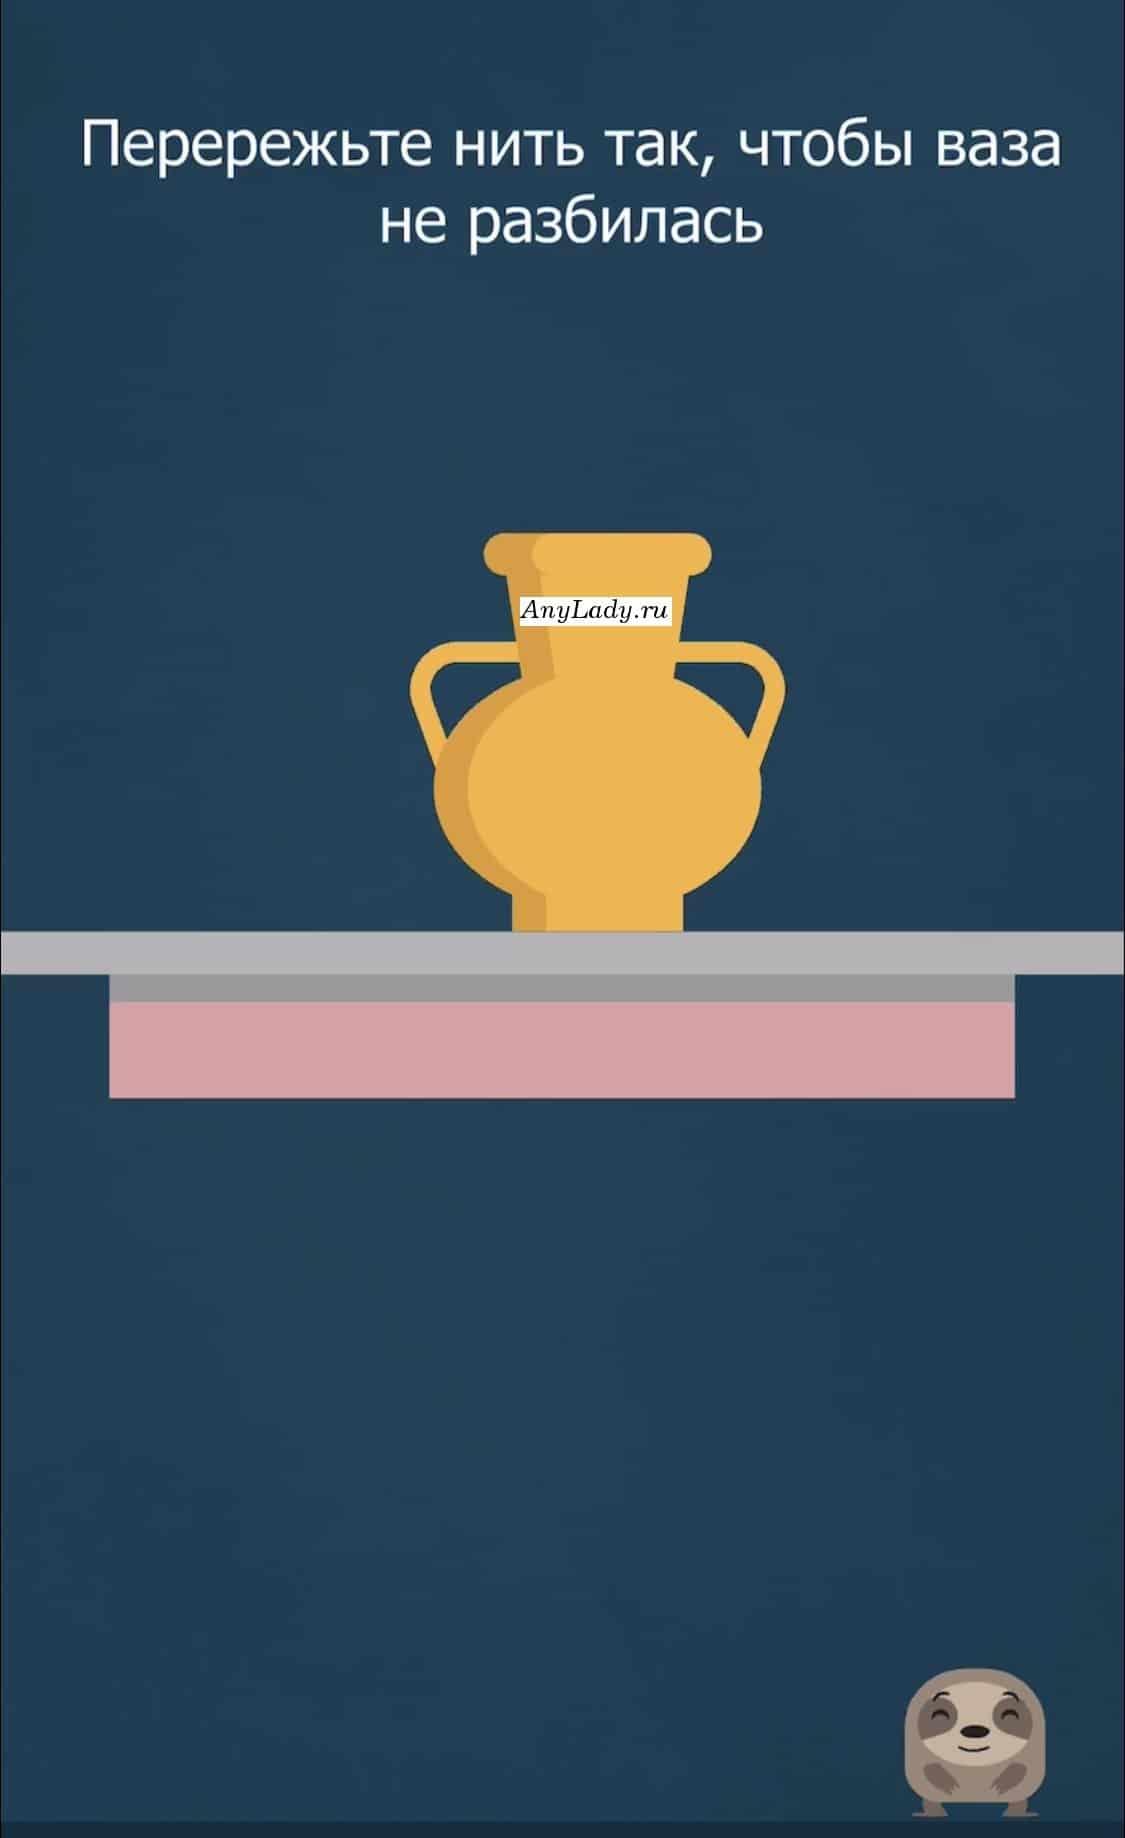 Зажмите пальцем напольное покрытие и передвиньте его вверх, под вазу. Теперь смахните пальцем по нитке, чтобы ее отрезать.